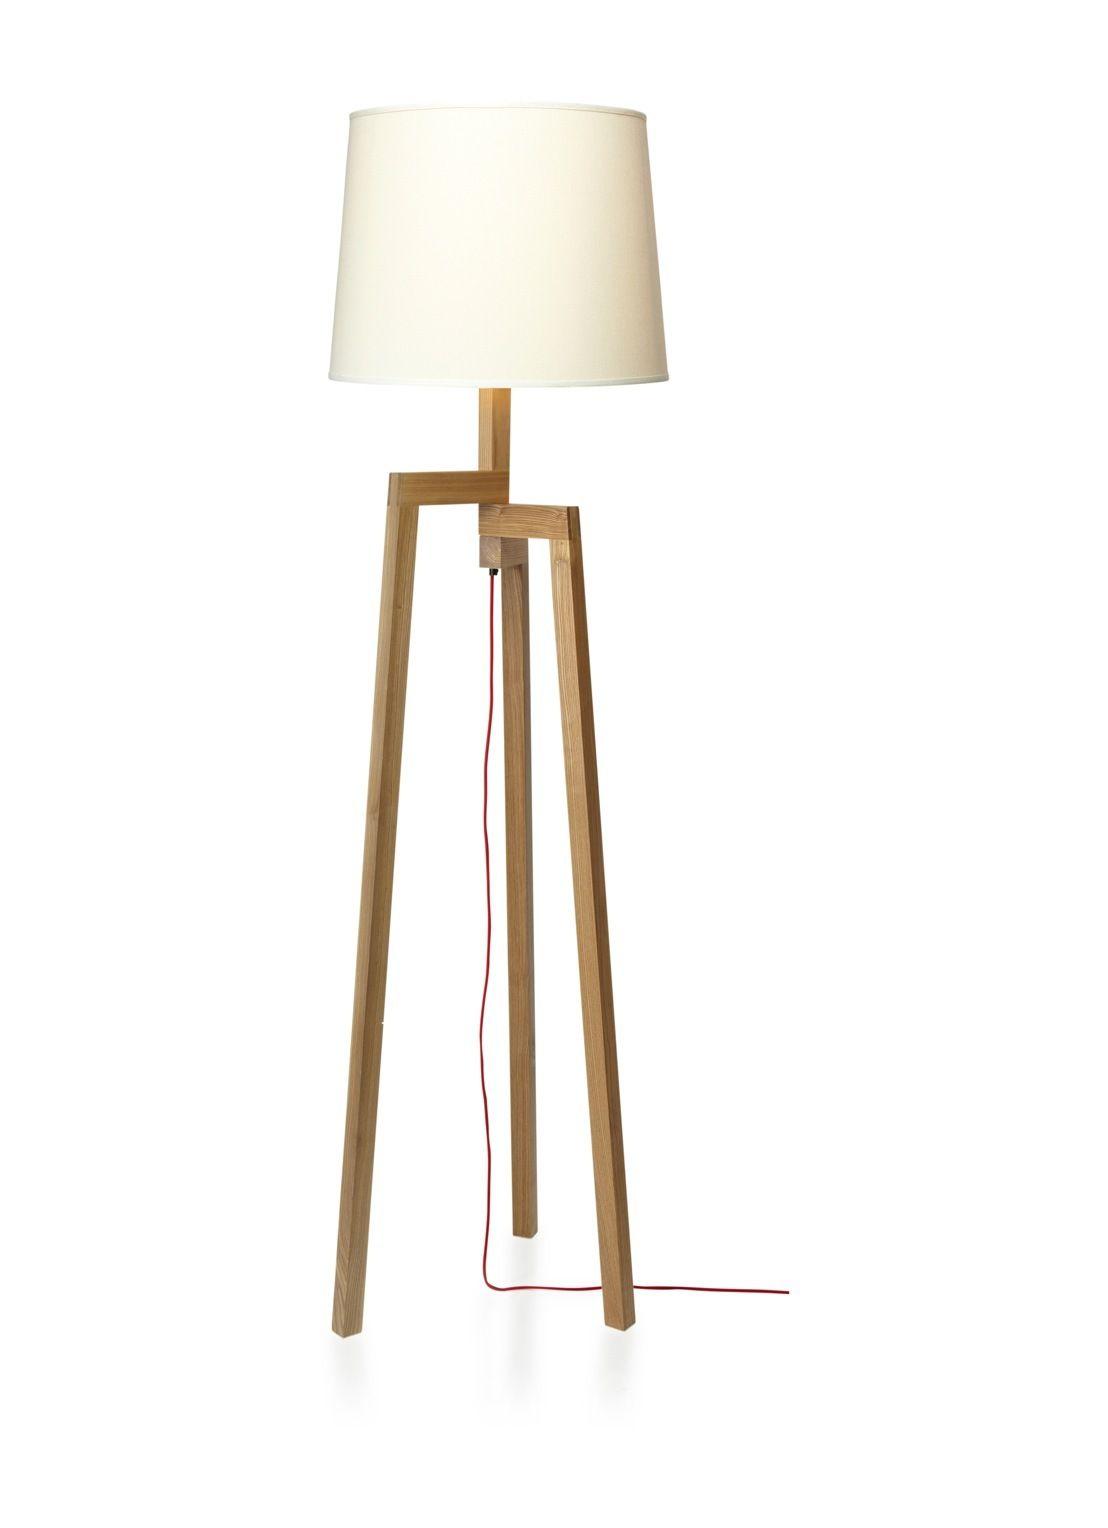 Ongekend Vloerlamp met houten frame • de Bijenkorf (met afbeeldingen KB-92